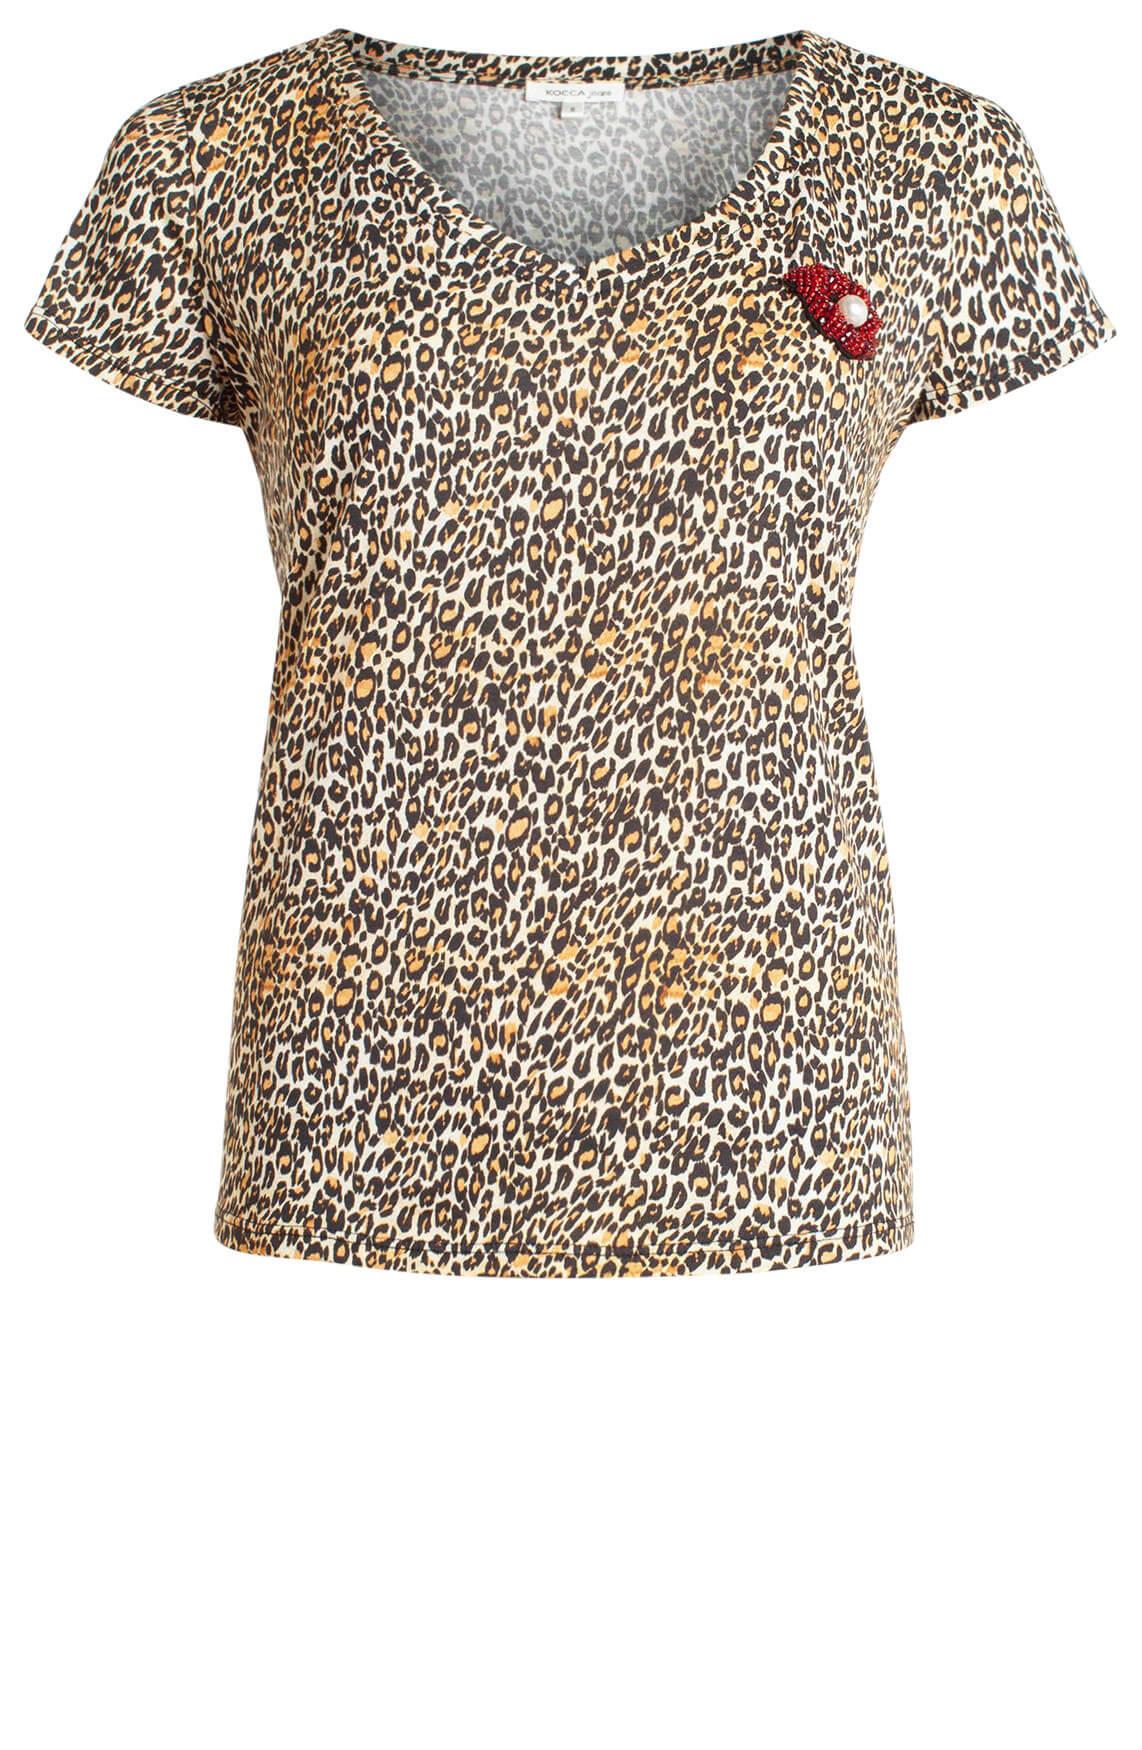 Kocca Dames Dande panterprint shirt geel